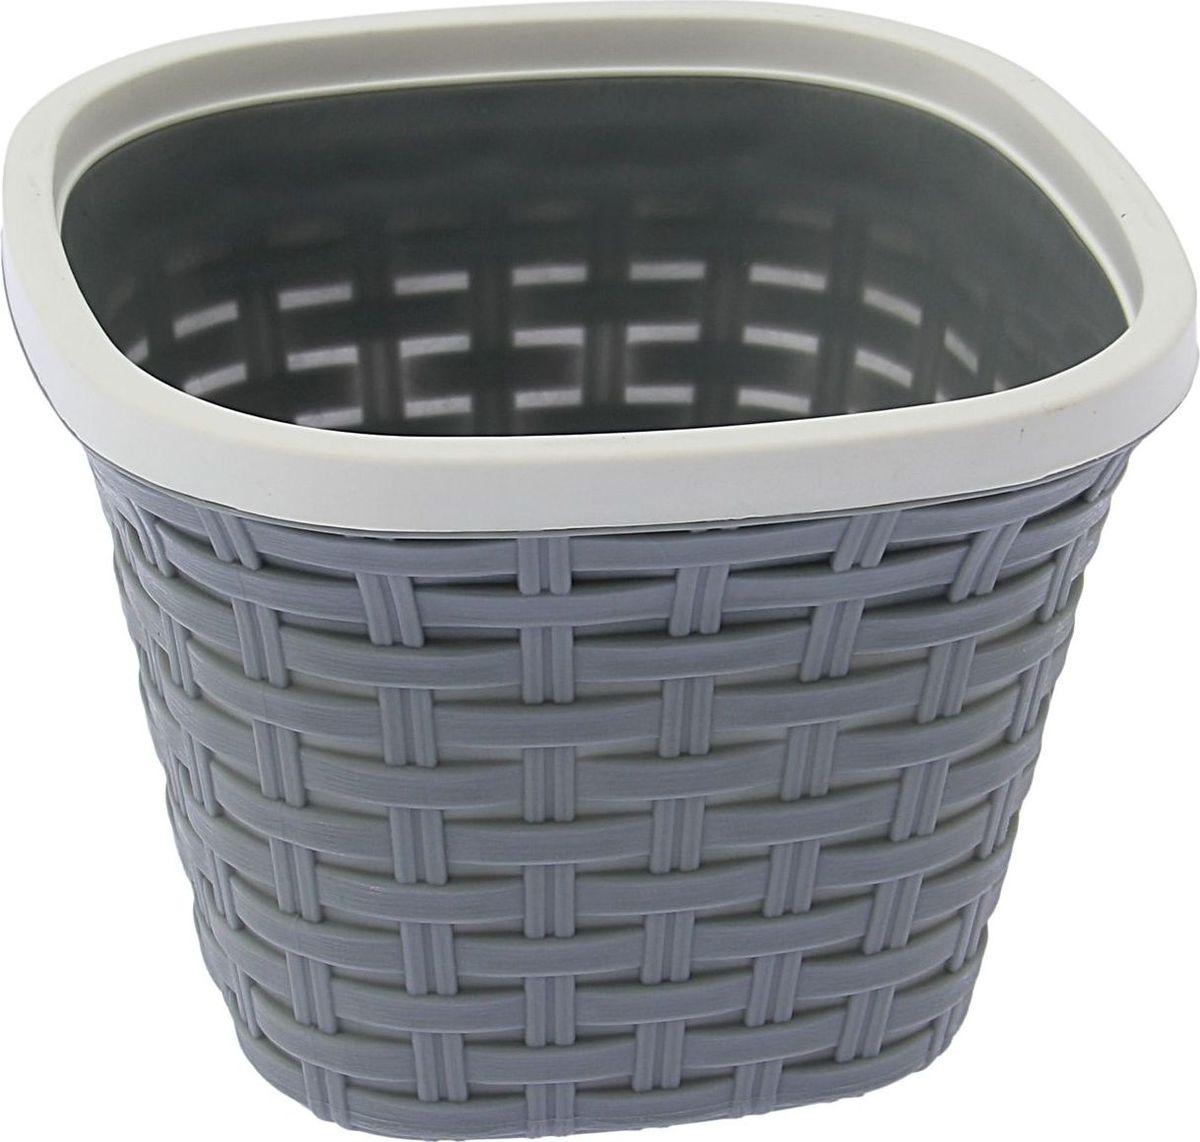 Кашпо квадратное Violet Ротанг, с дренажной системой, цвет: серый, 2,6 л531-102Квадратное кашпо Violet Ротанг изготовлено из высококачественного пластика и оснащено дренажной системой для быстрого отведения избытка воды при поливе. Изделие прекрасно подходит для выращивания растений и цветов в домашних условиях. Объем: 2,6 л.